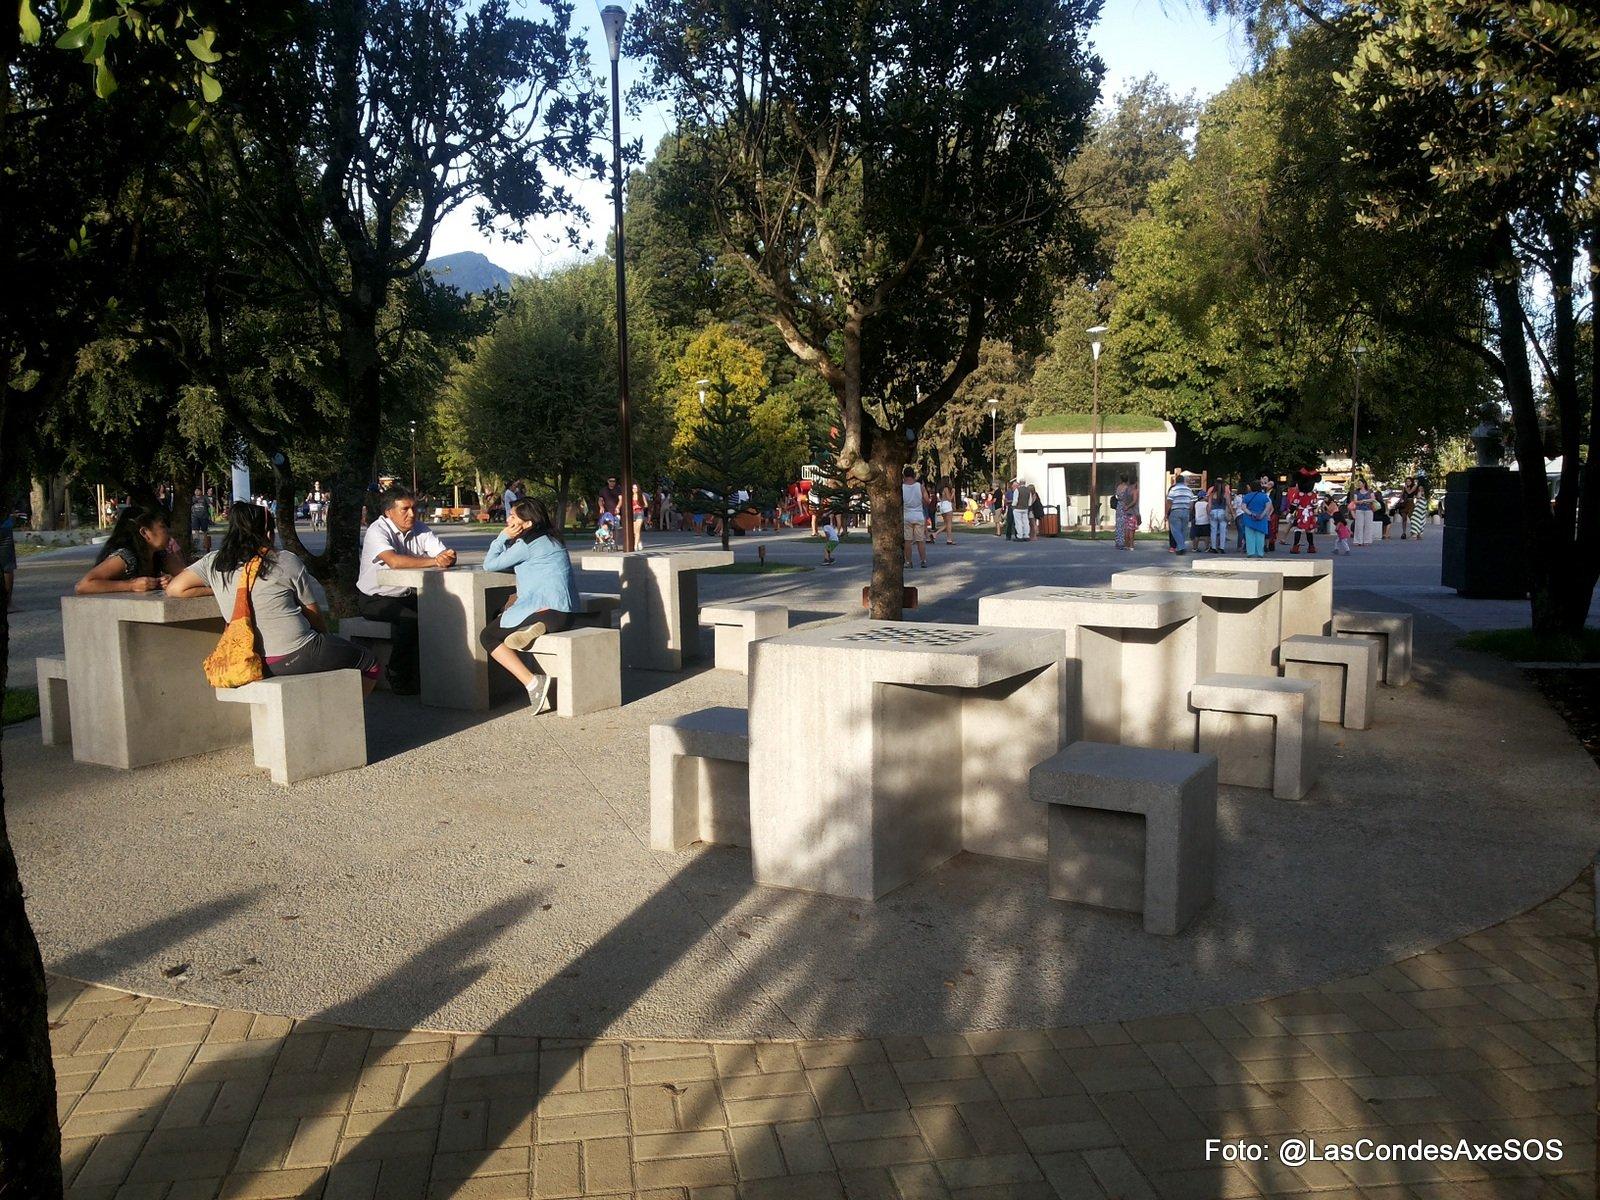 Sector Juego de damas o ajedrez inaccesibles para personas en silla de ruedas Pucon